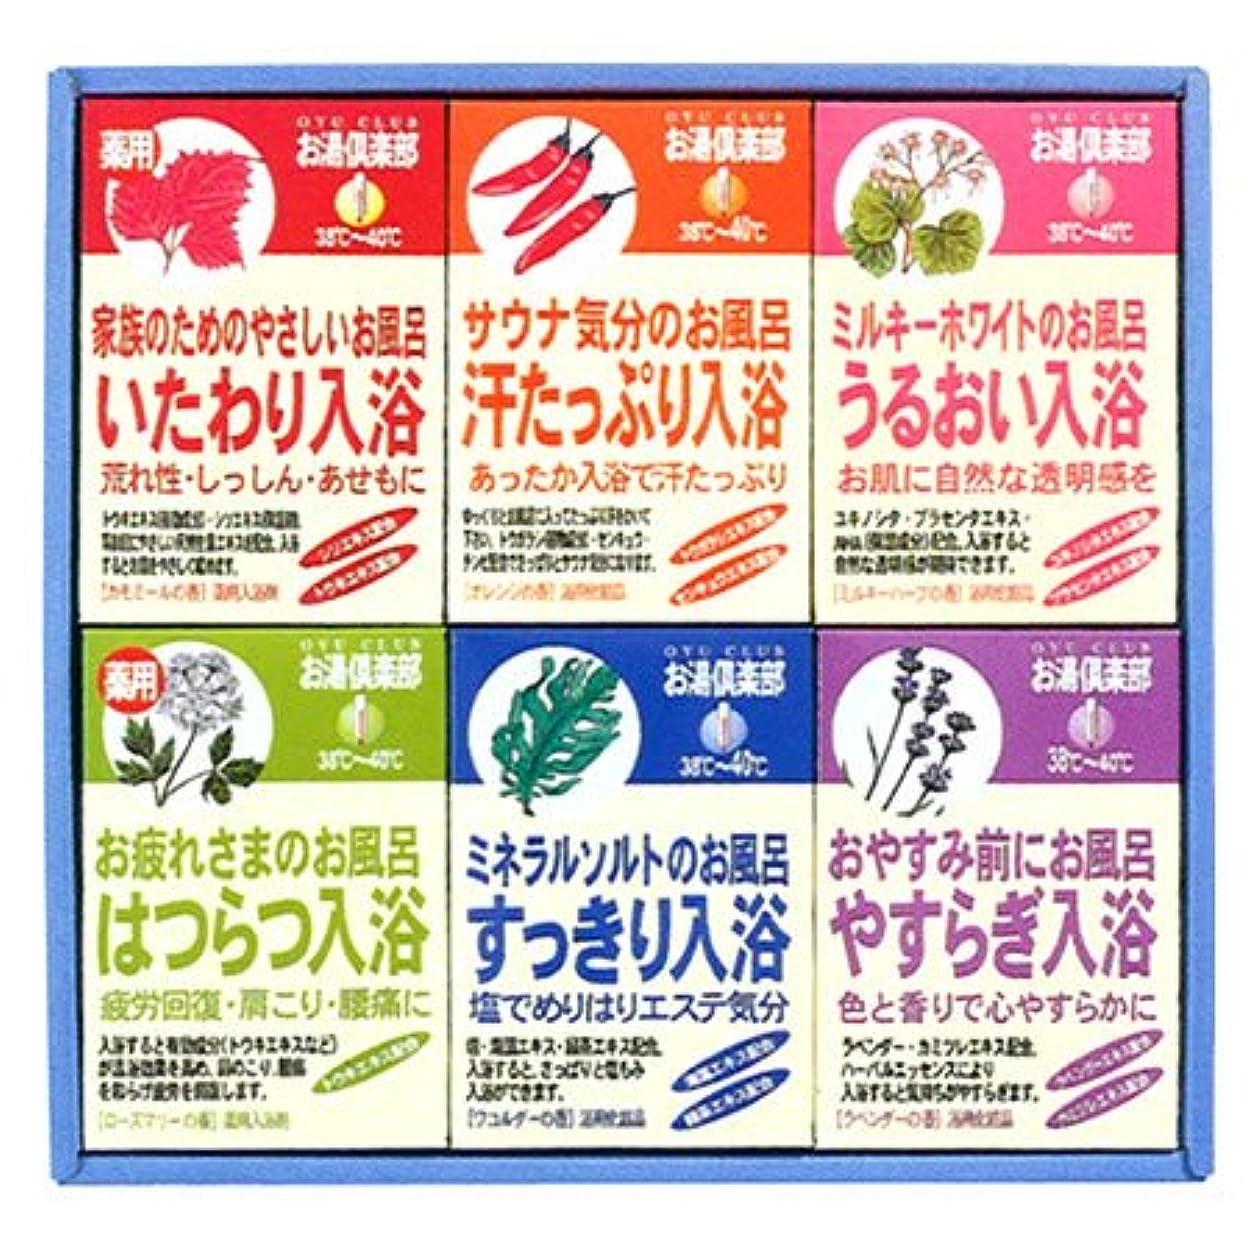 粘性の銃曲げるお湯倶楽部 タイプ別入浴剤 6種30包入 ギフトに最適